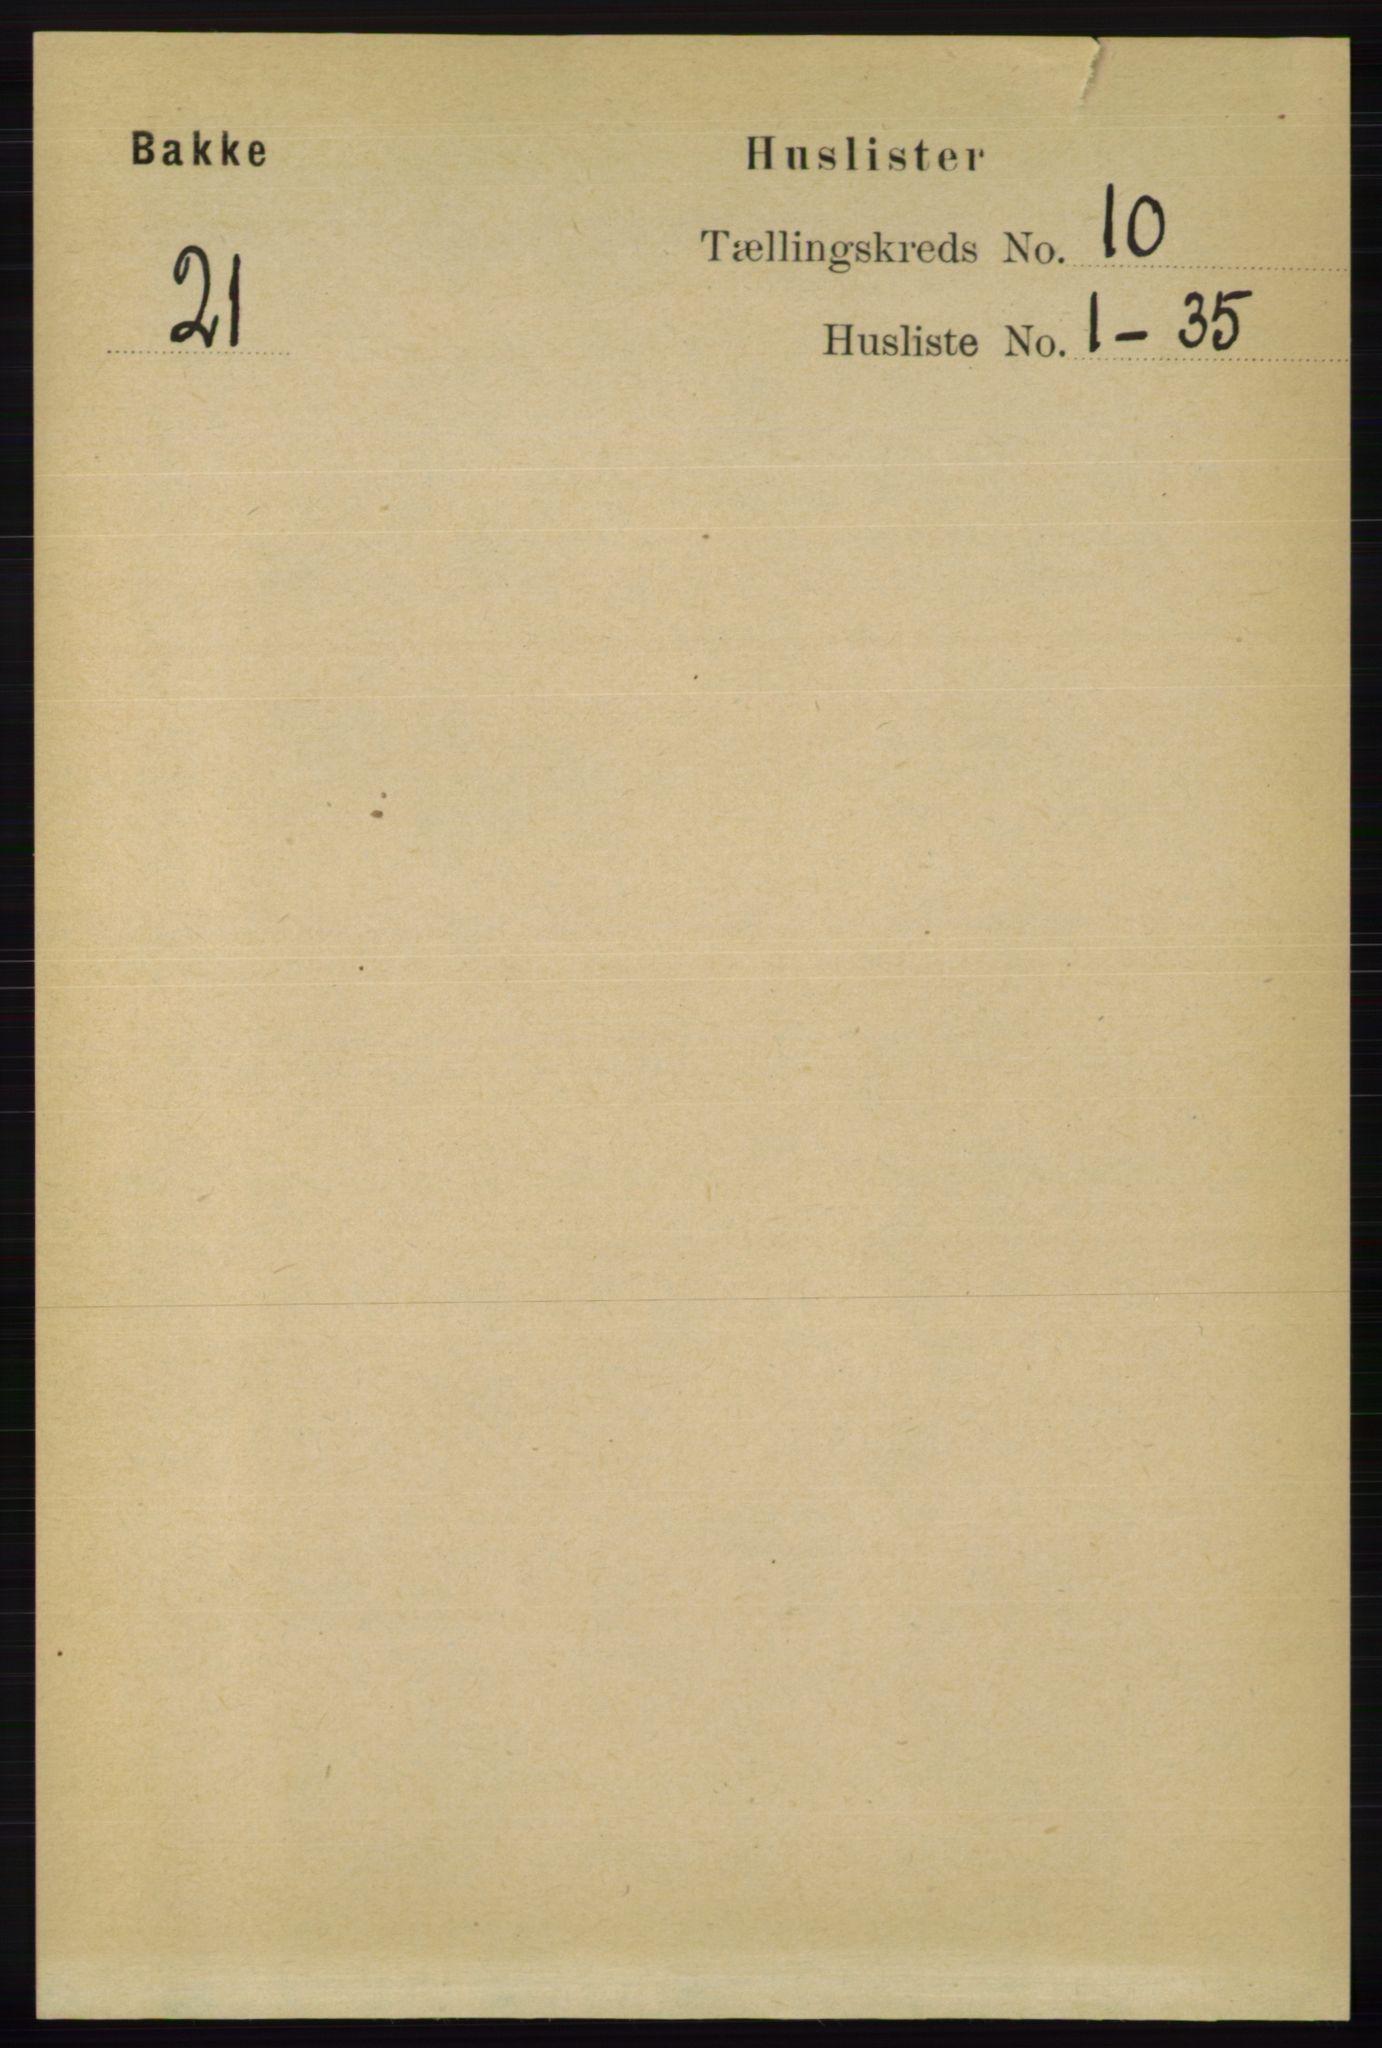 RA, Folketelling 1891 for 1045 Bakke herred, 1891, s. 1964